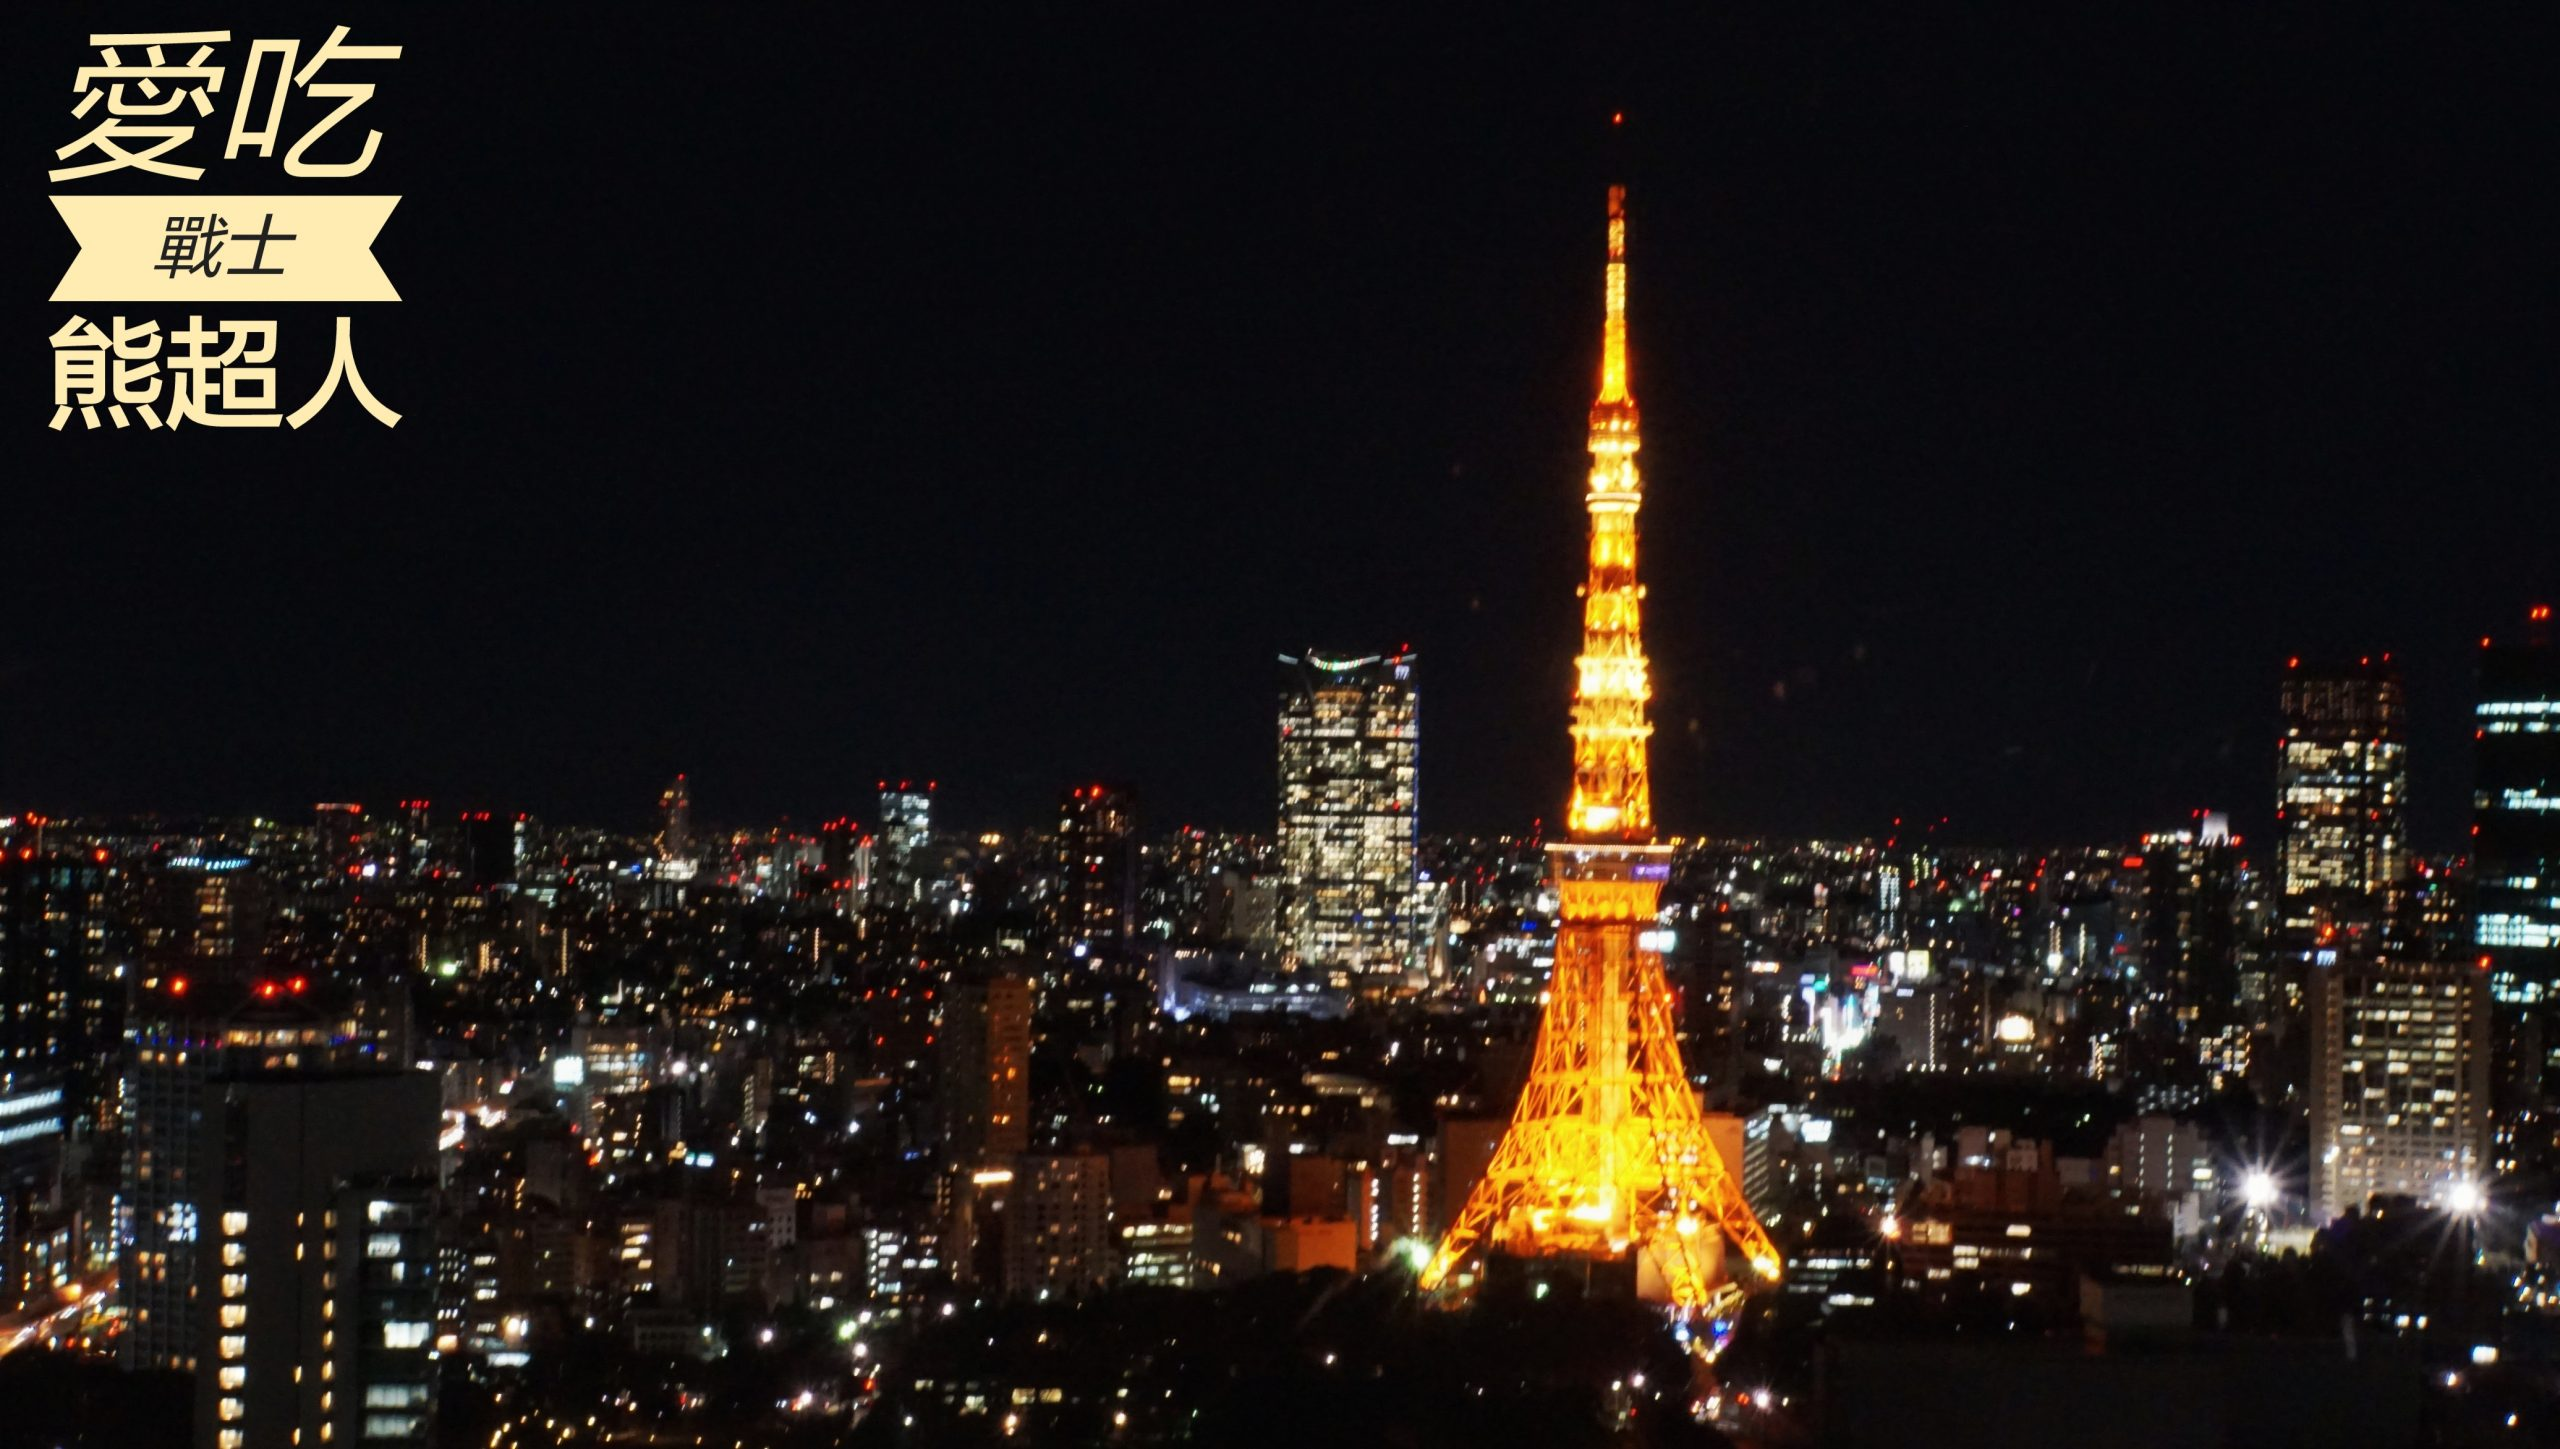 。東京 浜松町。浜松町世貿中心大樓:走過彩虹大橋,來到世貿中心40樓瞭望台:SEASIDE TOP,東京NO.1的夜景入手。